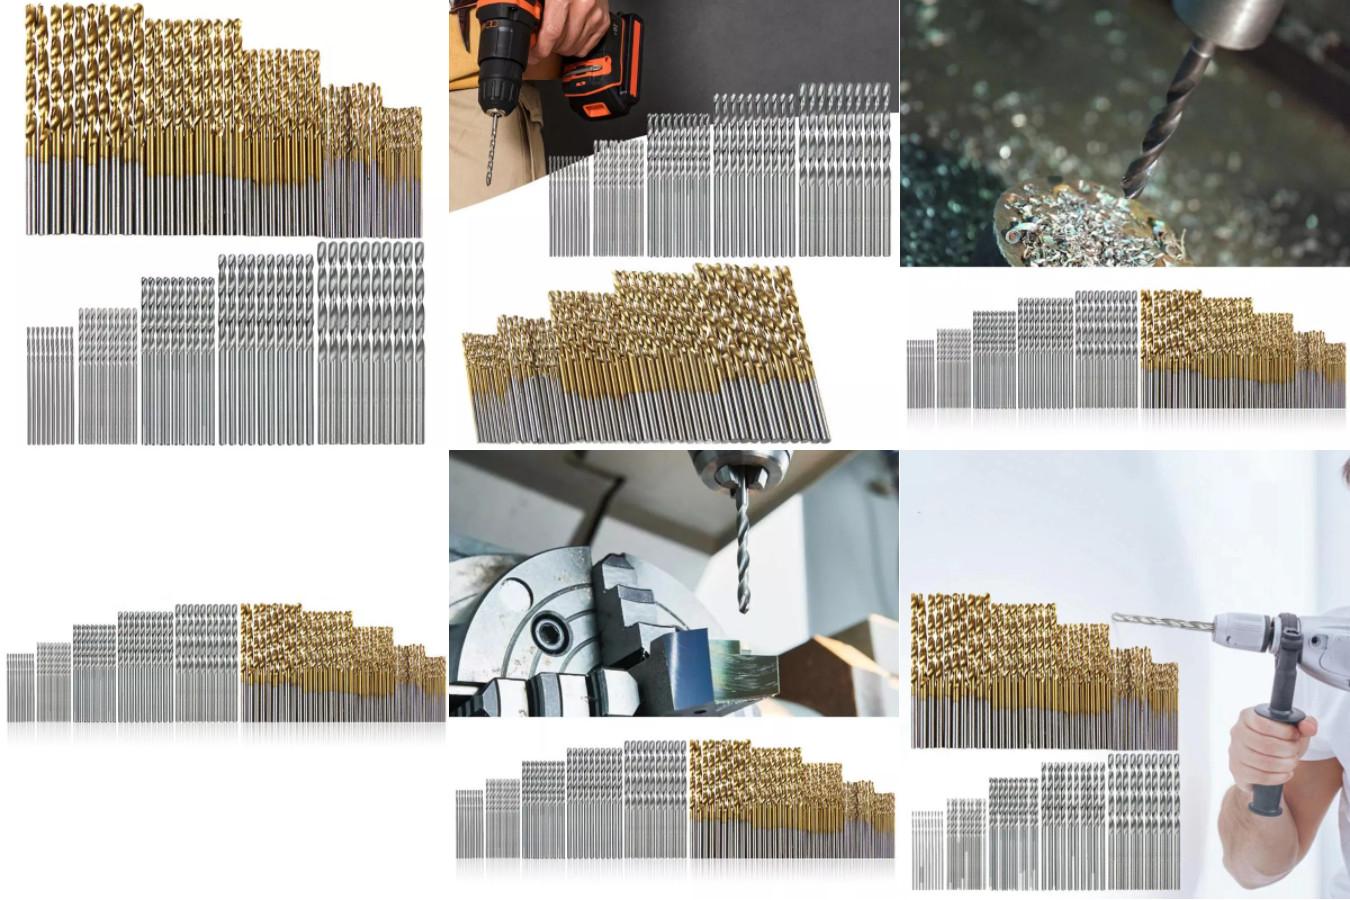 Огромный набор свёрл с титановым покрытием